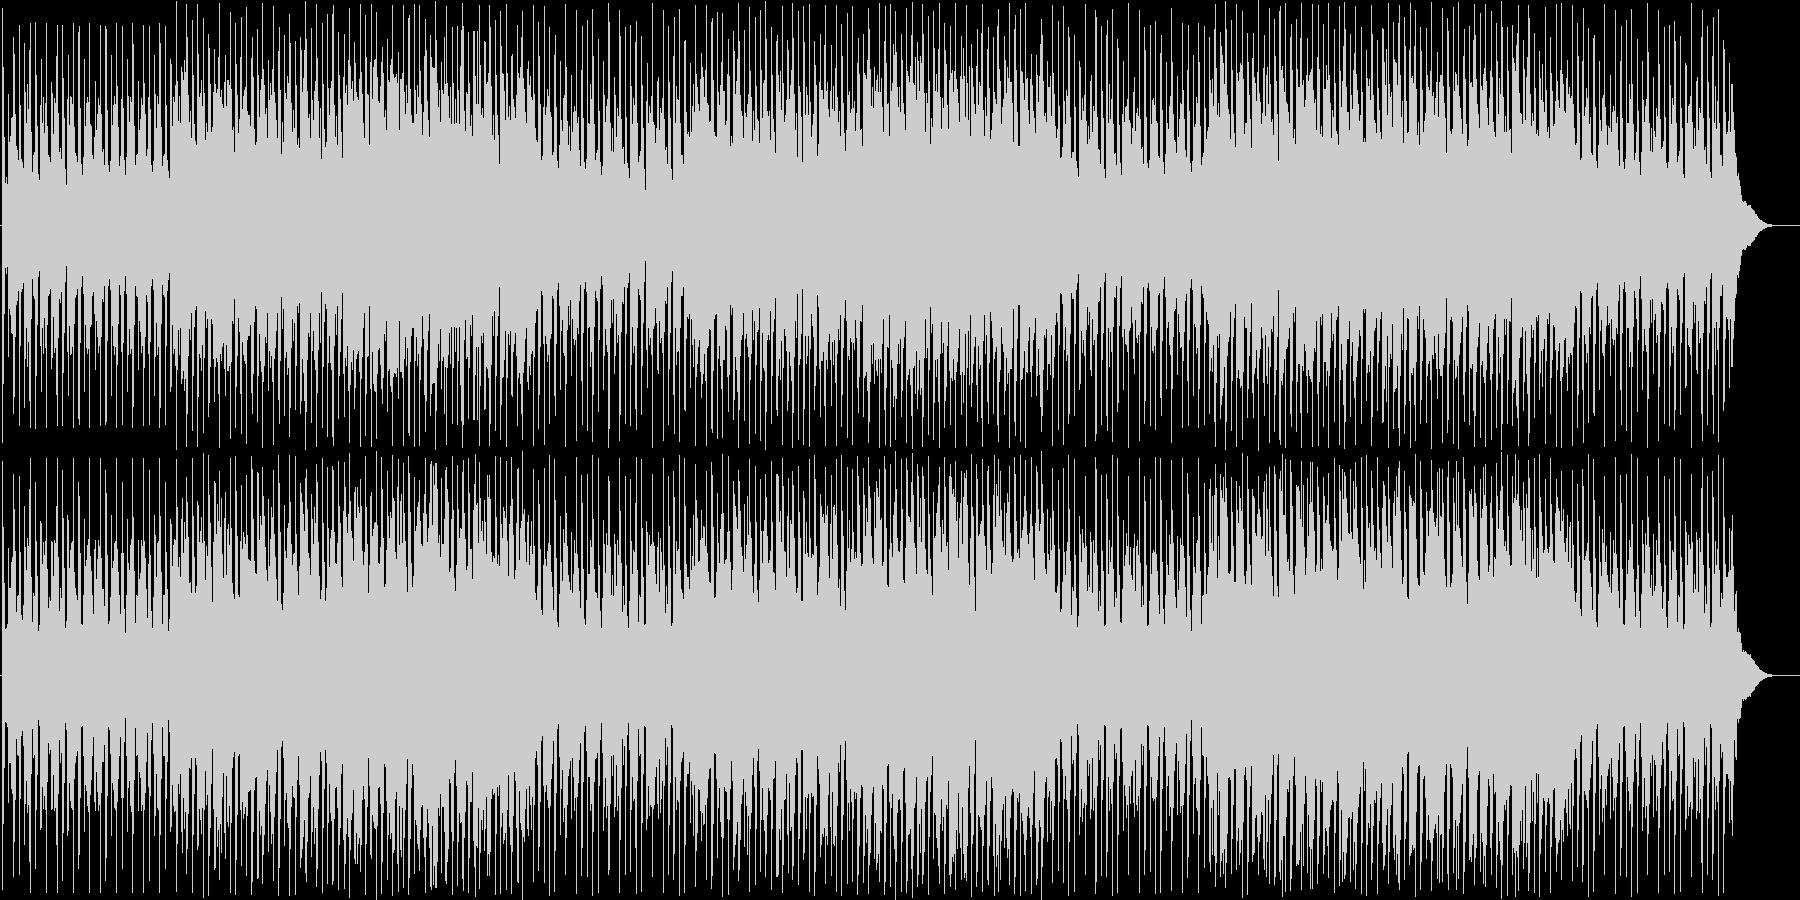 勇ましい和太鼓の連打と三味線の融合した曲の未再生の波形